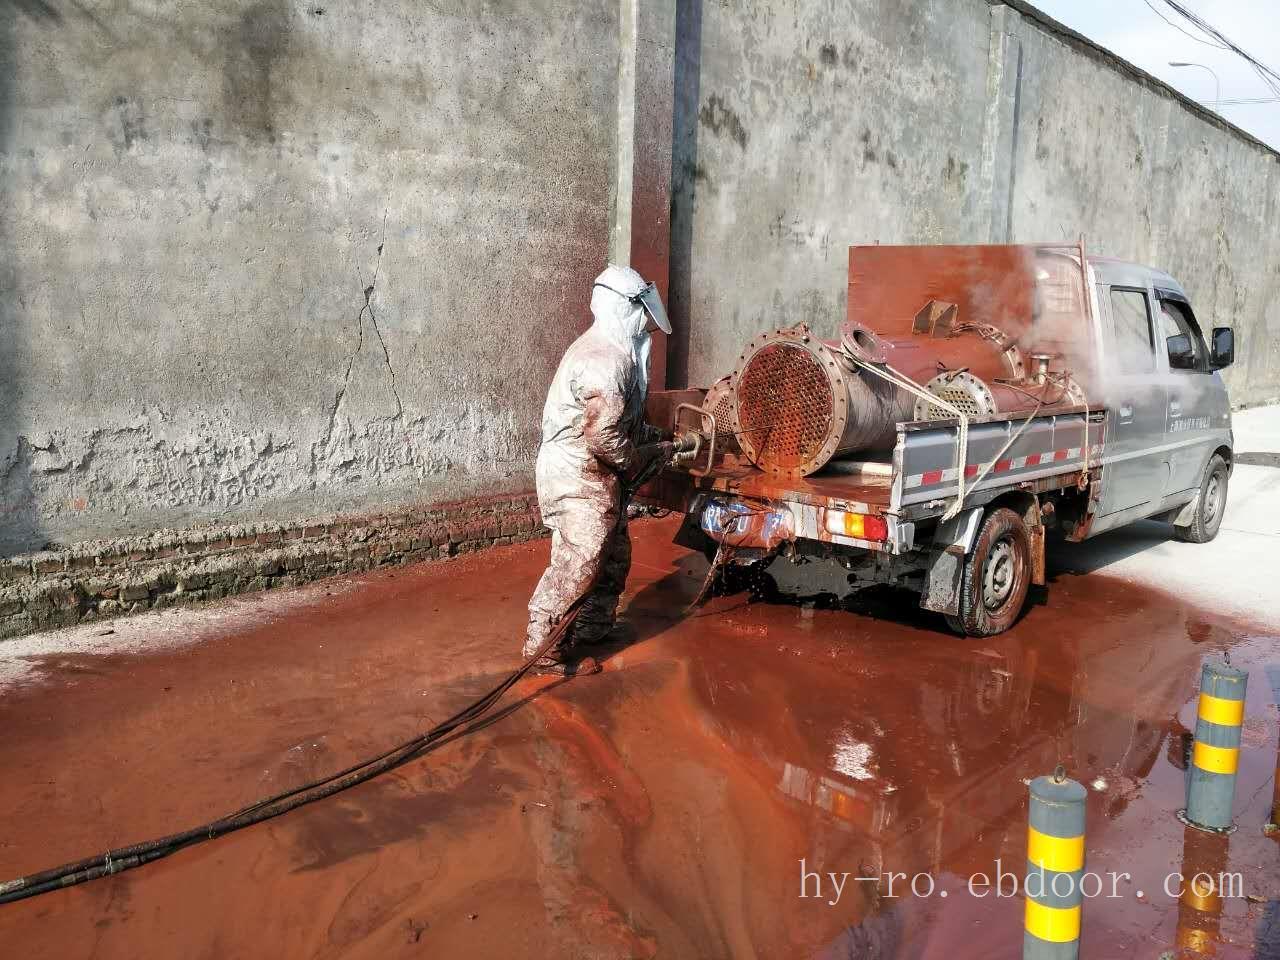 上海冷凝器清洗-上海冷凝器清洗公司-上海冷凝器清洗电话